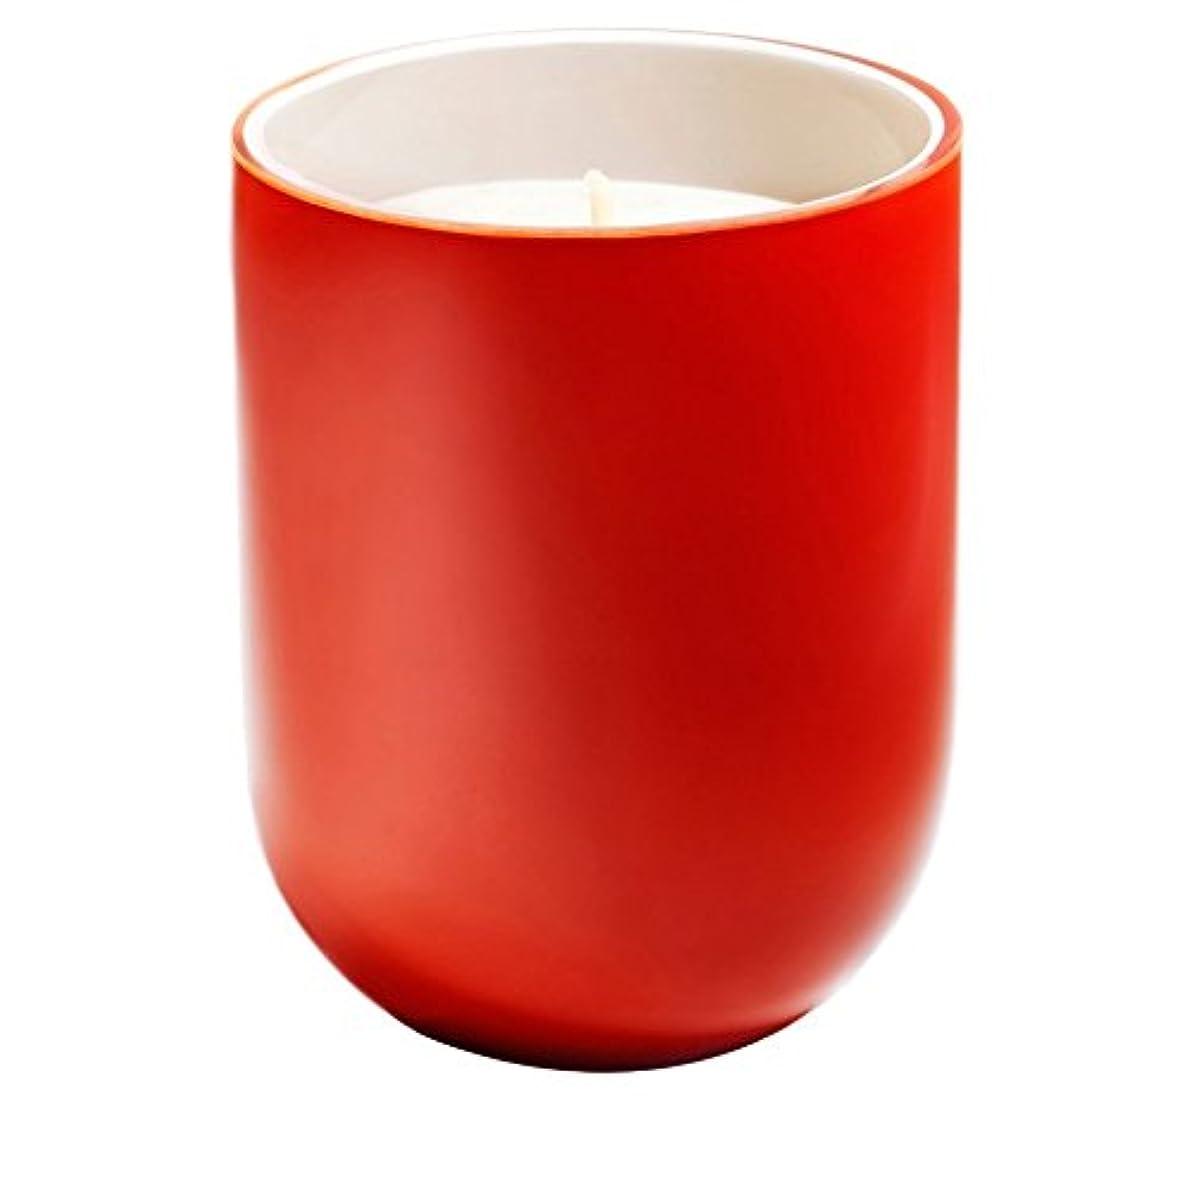 ラリー欠点リップフレデリック?マルプルミエ舞香りのキャンドル x6 - Frederic Malle 1er Mai Scented Candle (Pack of 6) [並行輸入品]